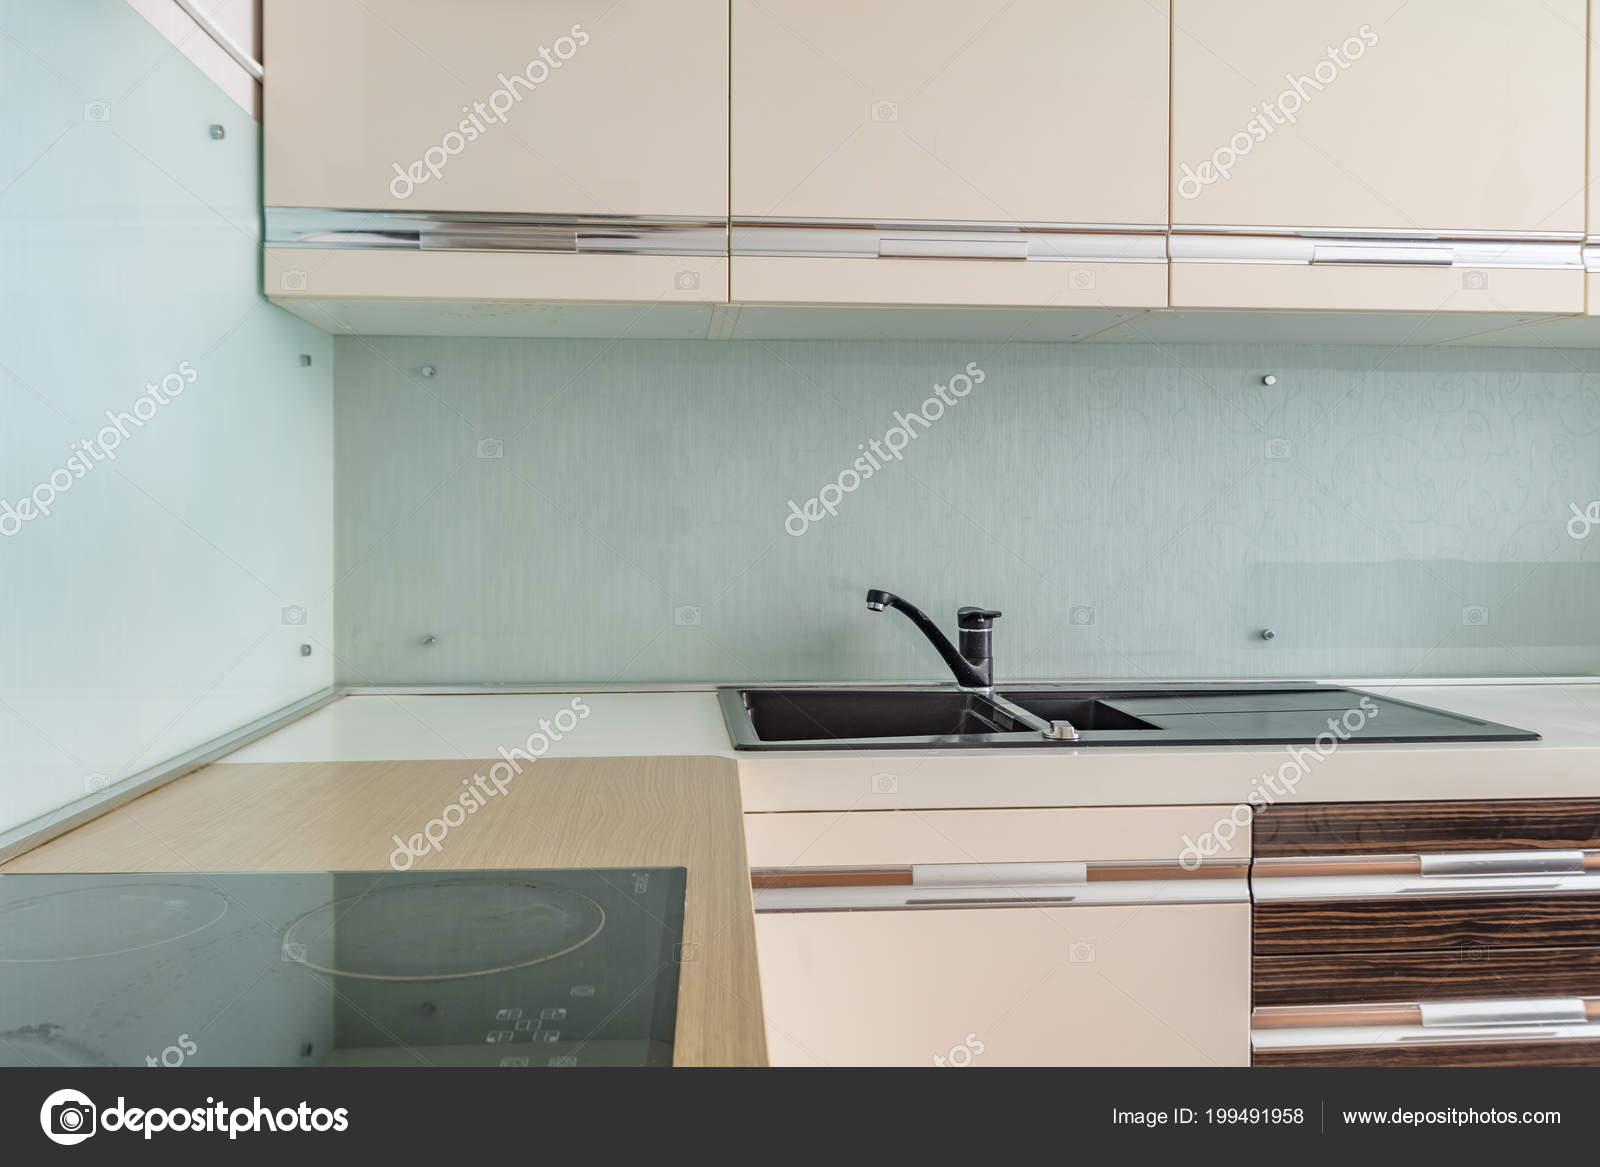 Modernes Design Kuche Herd Auspuff Und Waschbecken Stockfoto